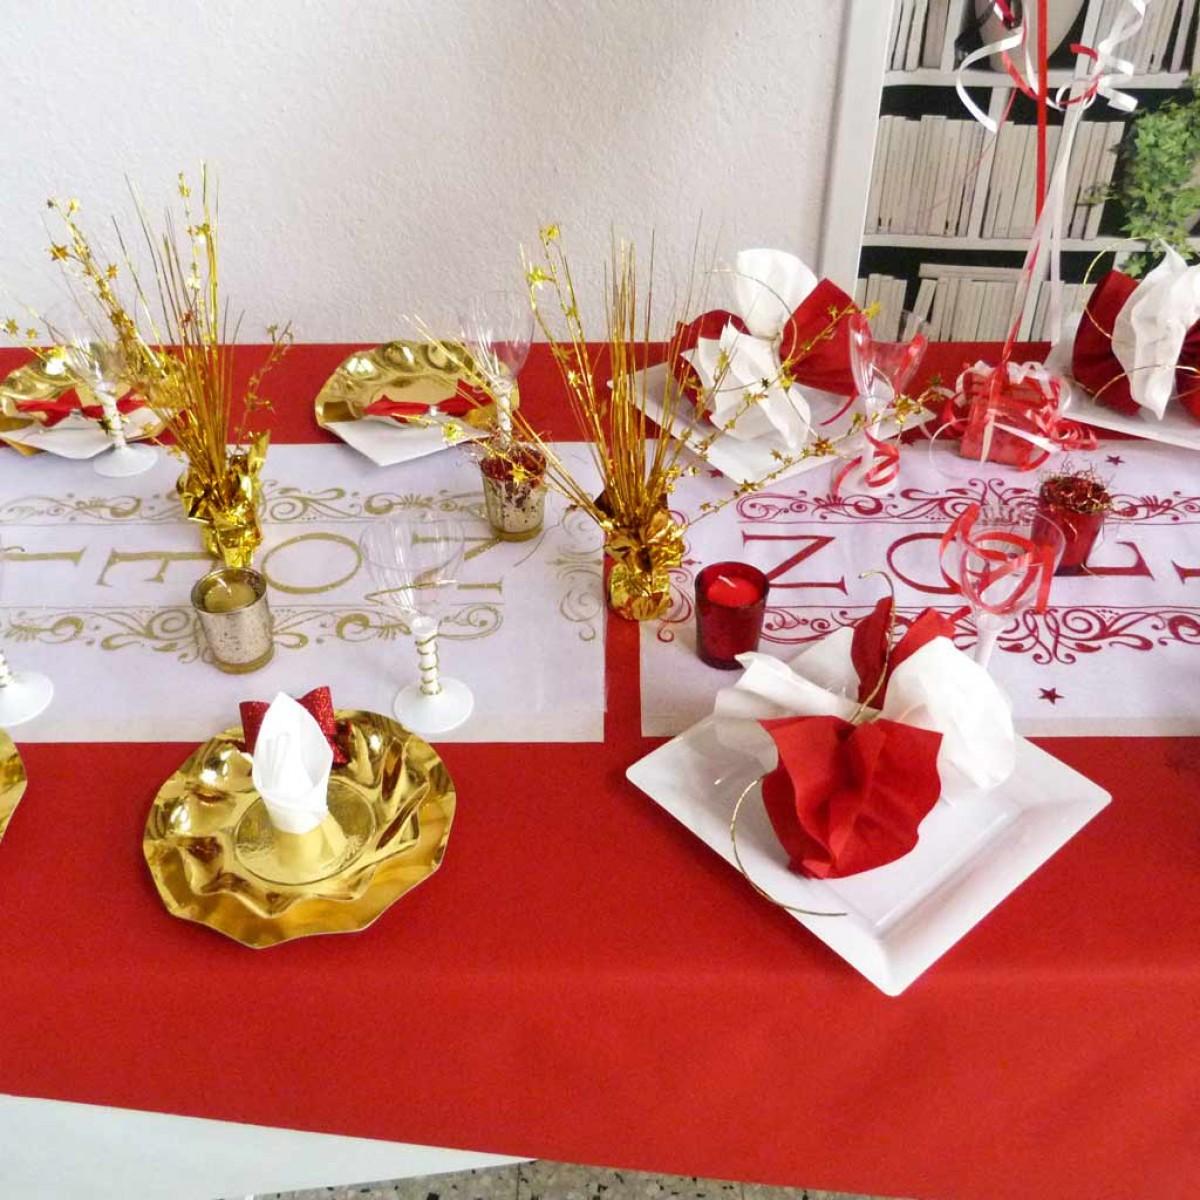 Deco mariage rouge blanc or le mariage - Decoration de table pour mariage rouge et blanc ...